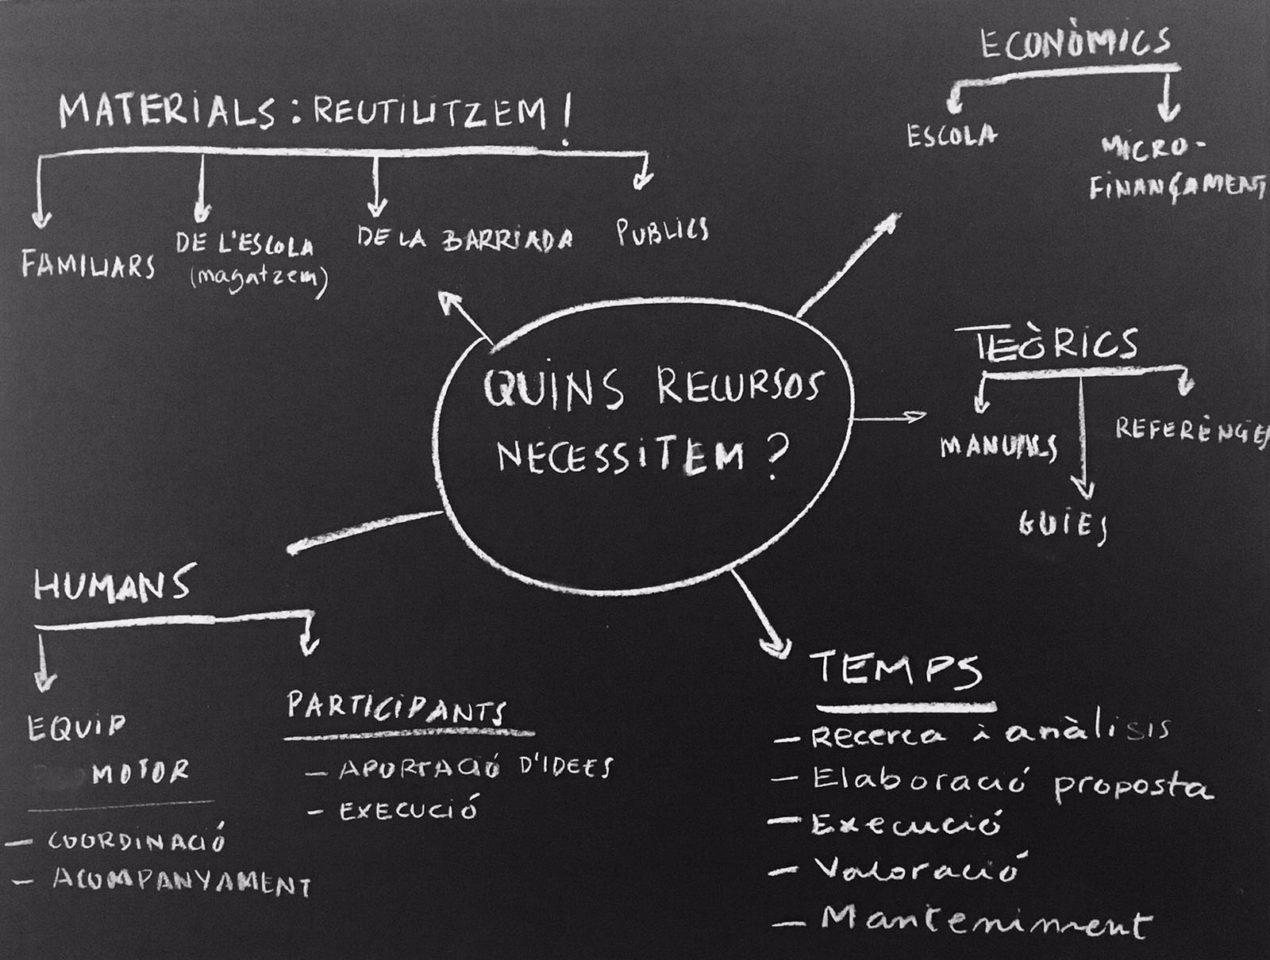 Remobalar / Investigar, reutilizar y rediseñar para innovar en los espacios educativos